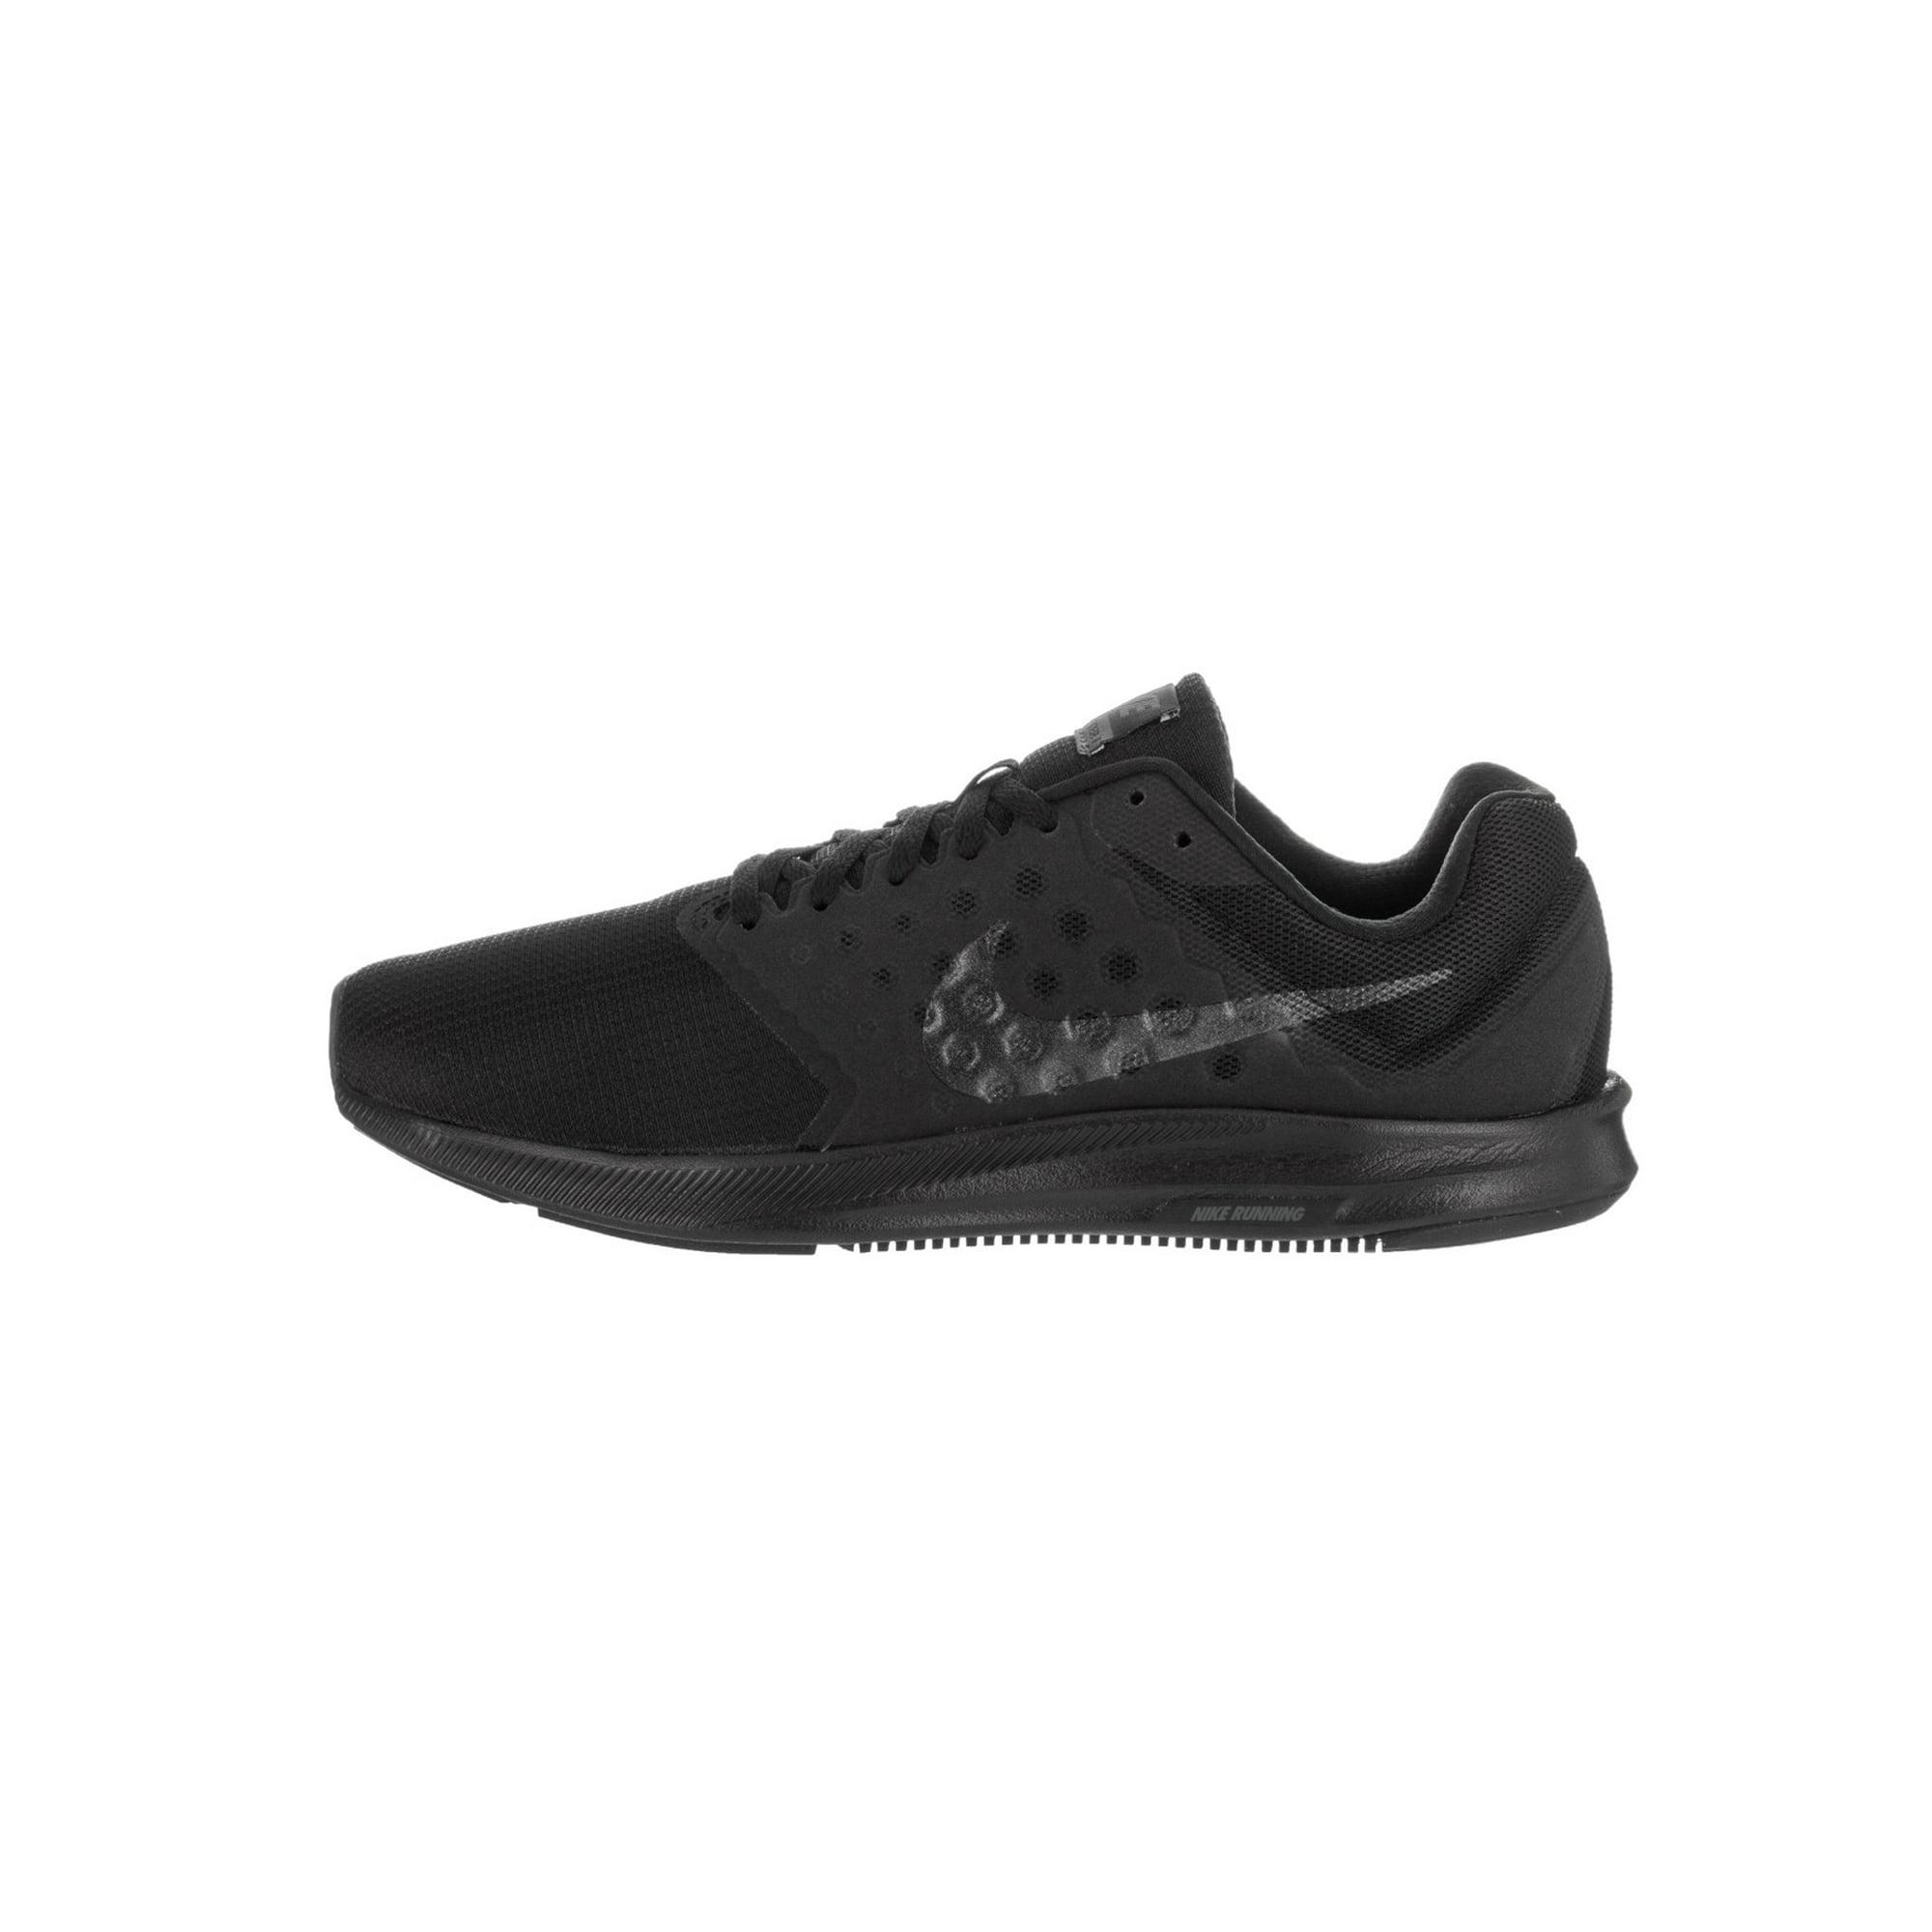 de1b4384e71 Nike Men s Downshifter 7 Running Shoe